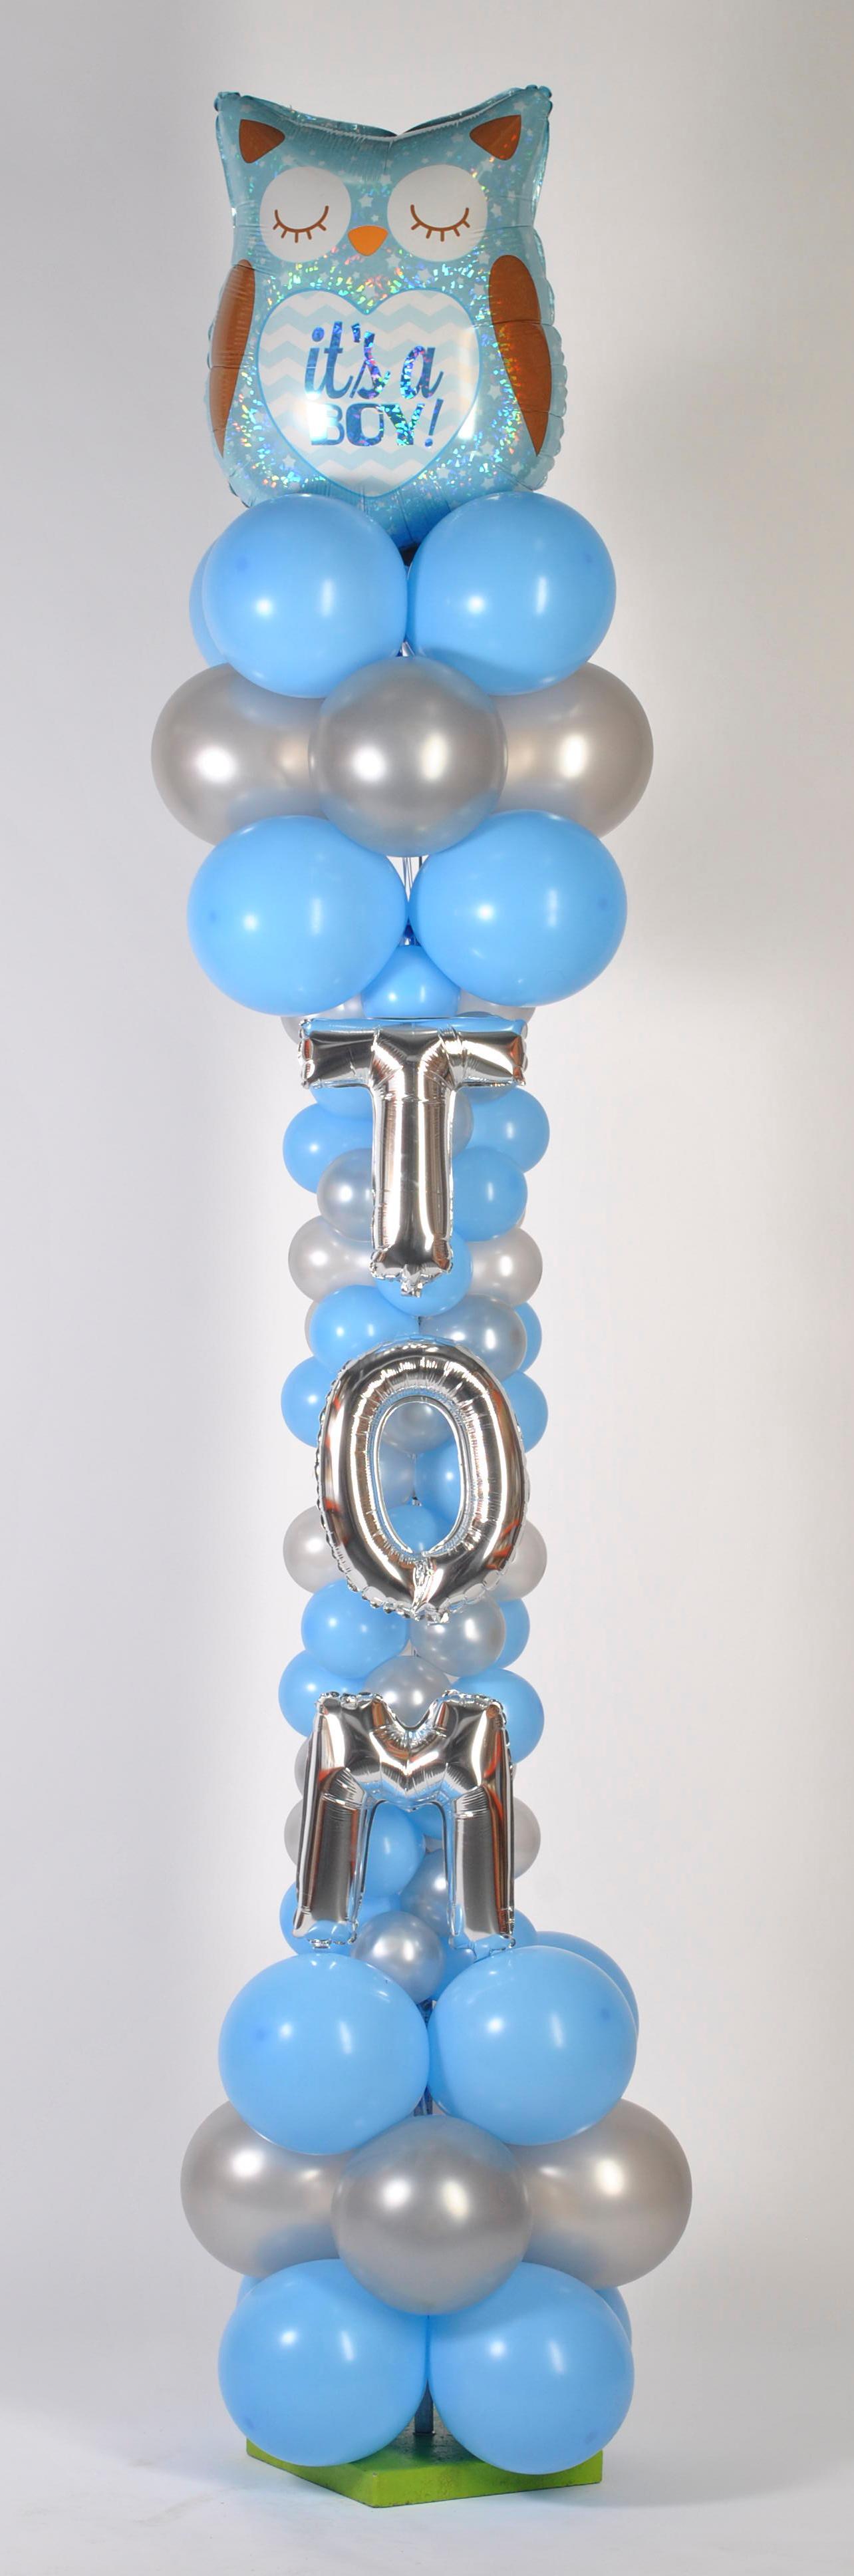 Balloon decoration for baby shower #sempertexeurope #sempertex #balloons